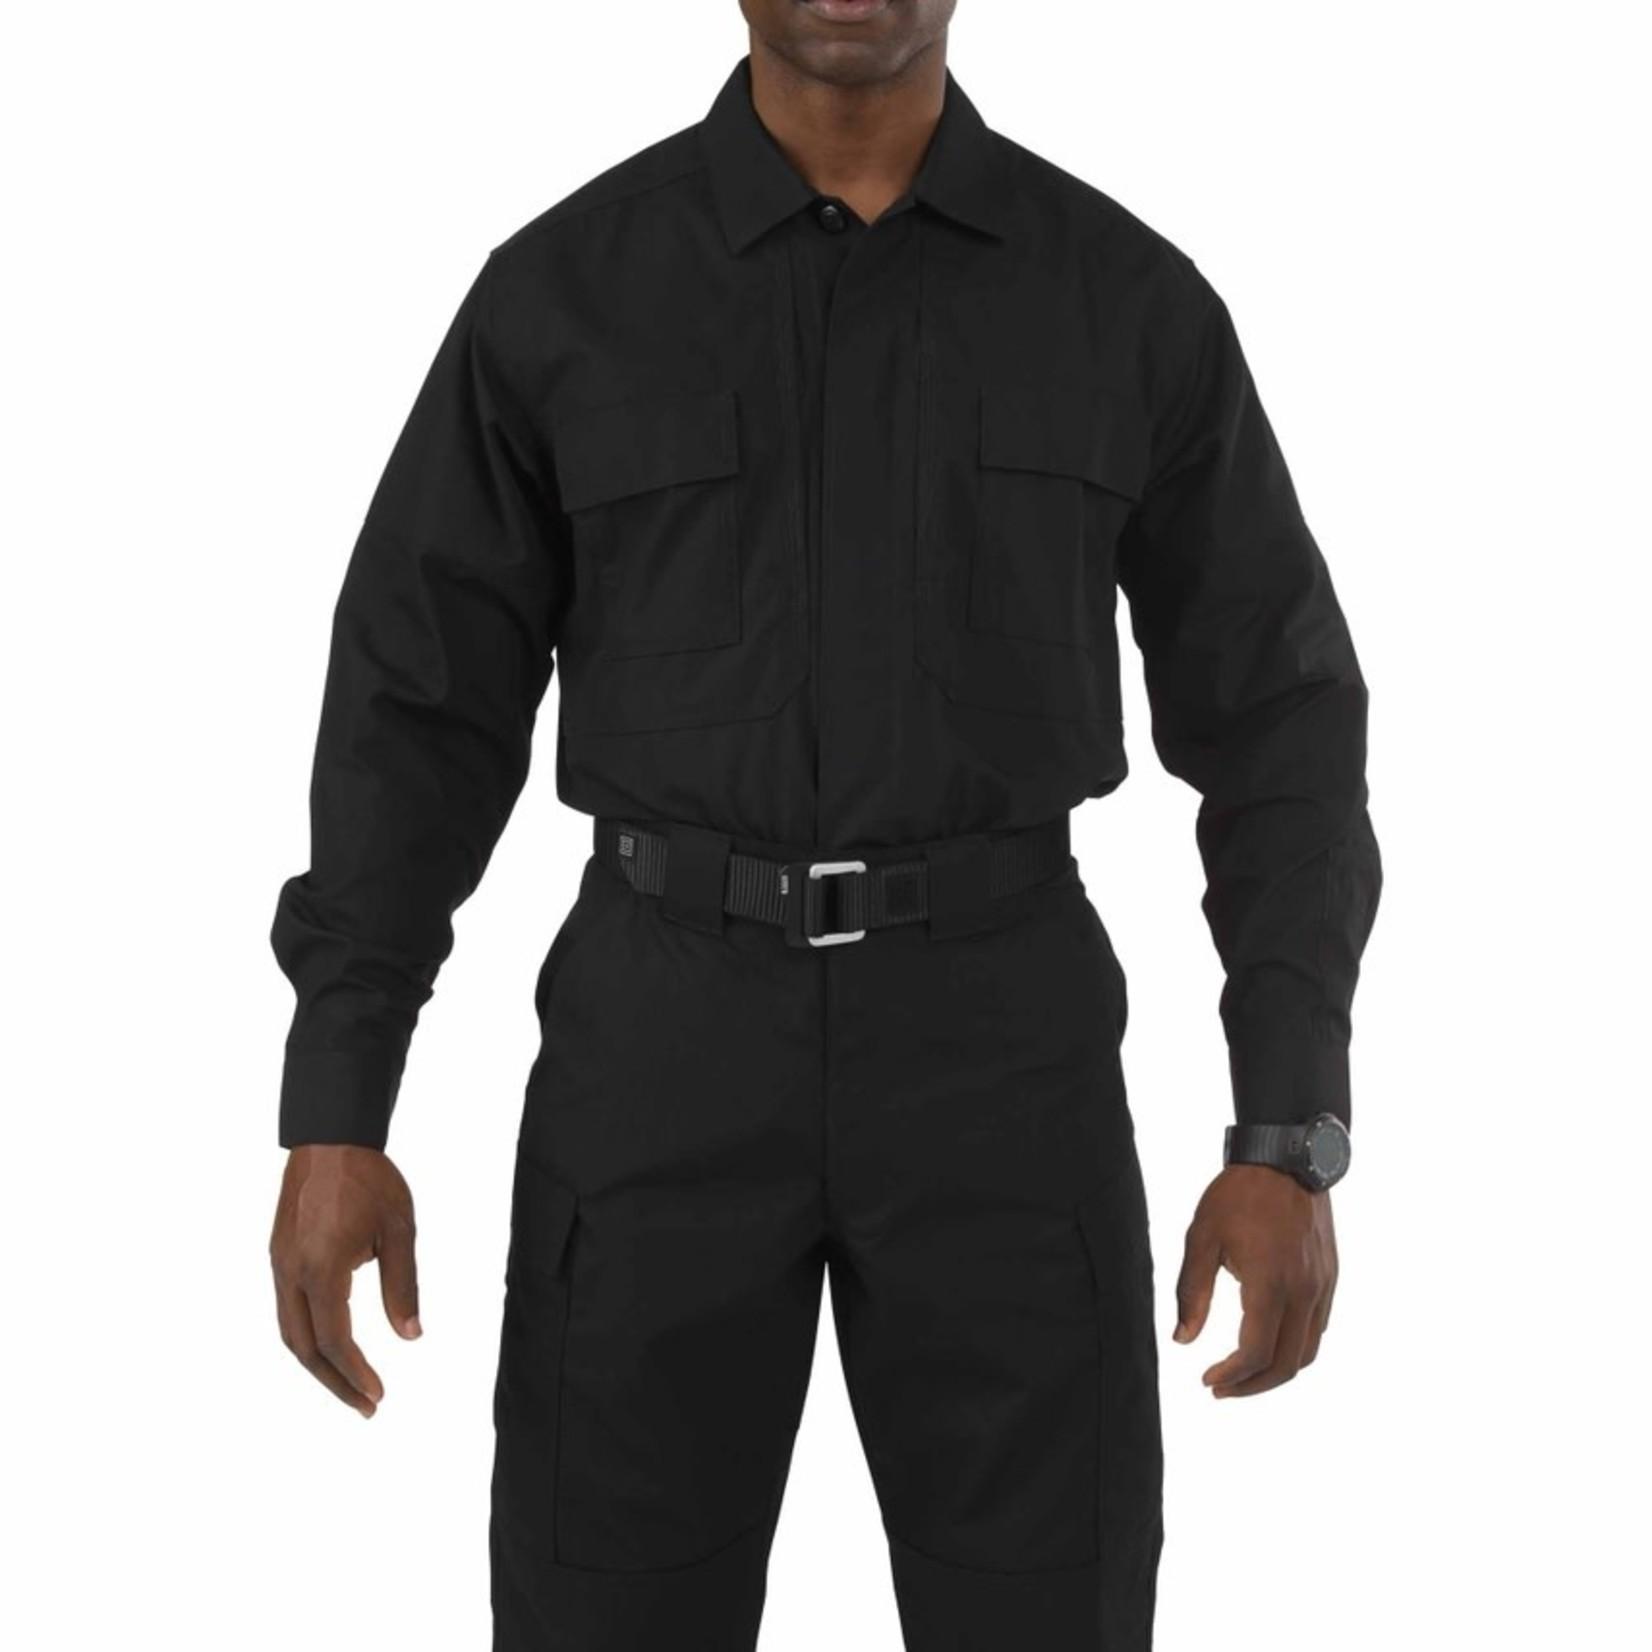 5.11 Tactical 5.11 Taclite TDU L/S Shirt Size: XL Tall